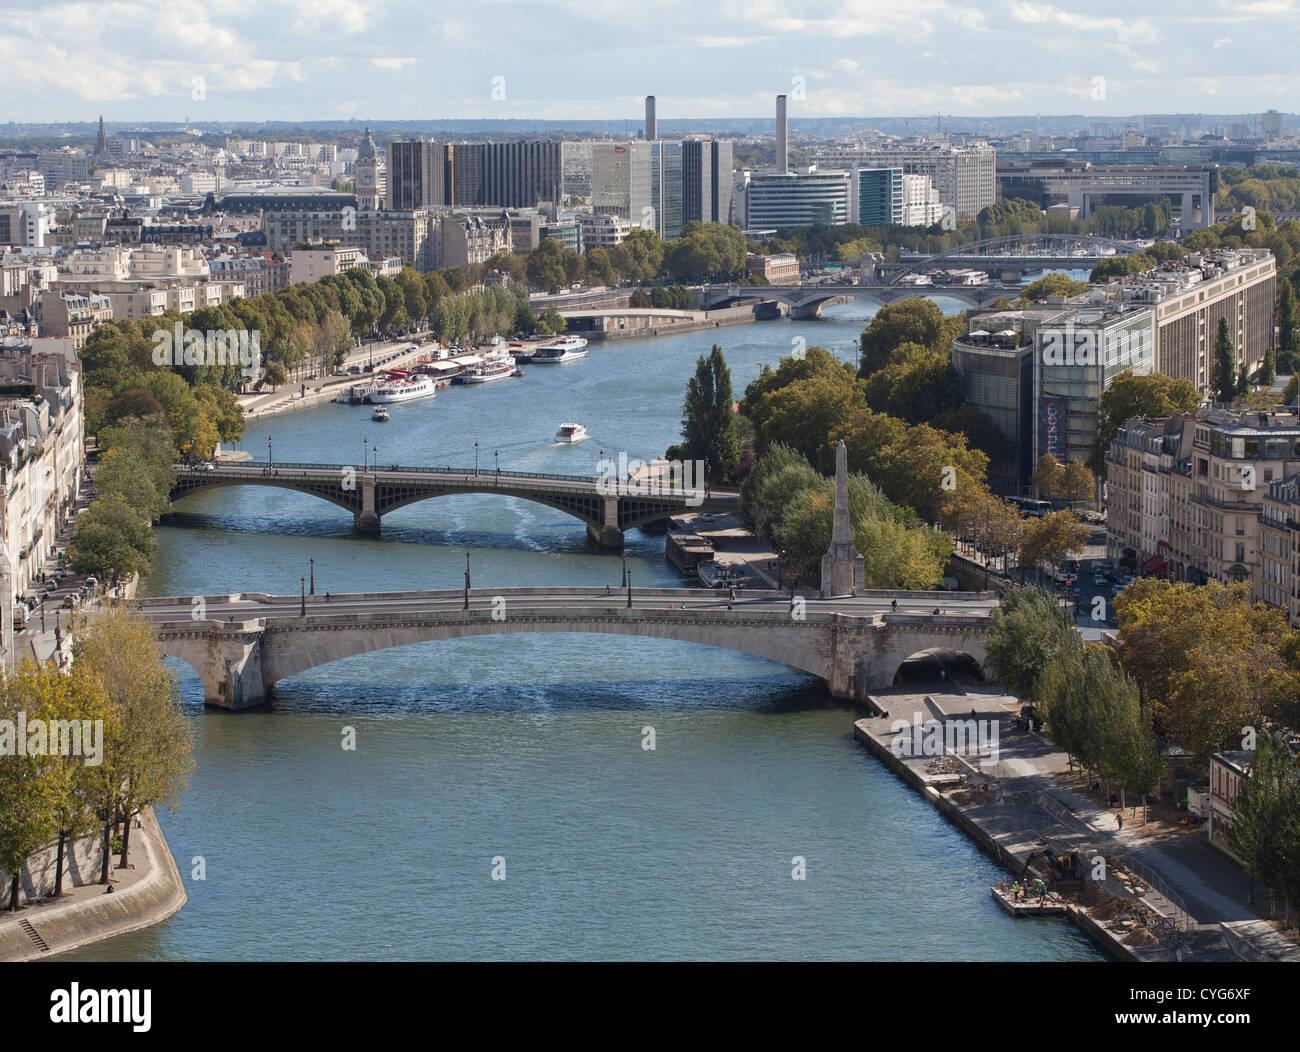 View from Notre Dame de Paris, France. - Stock Image